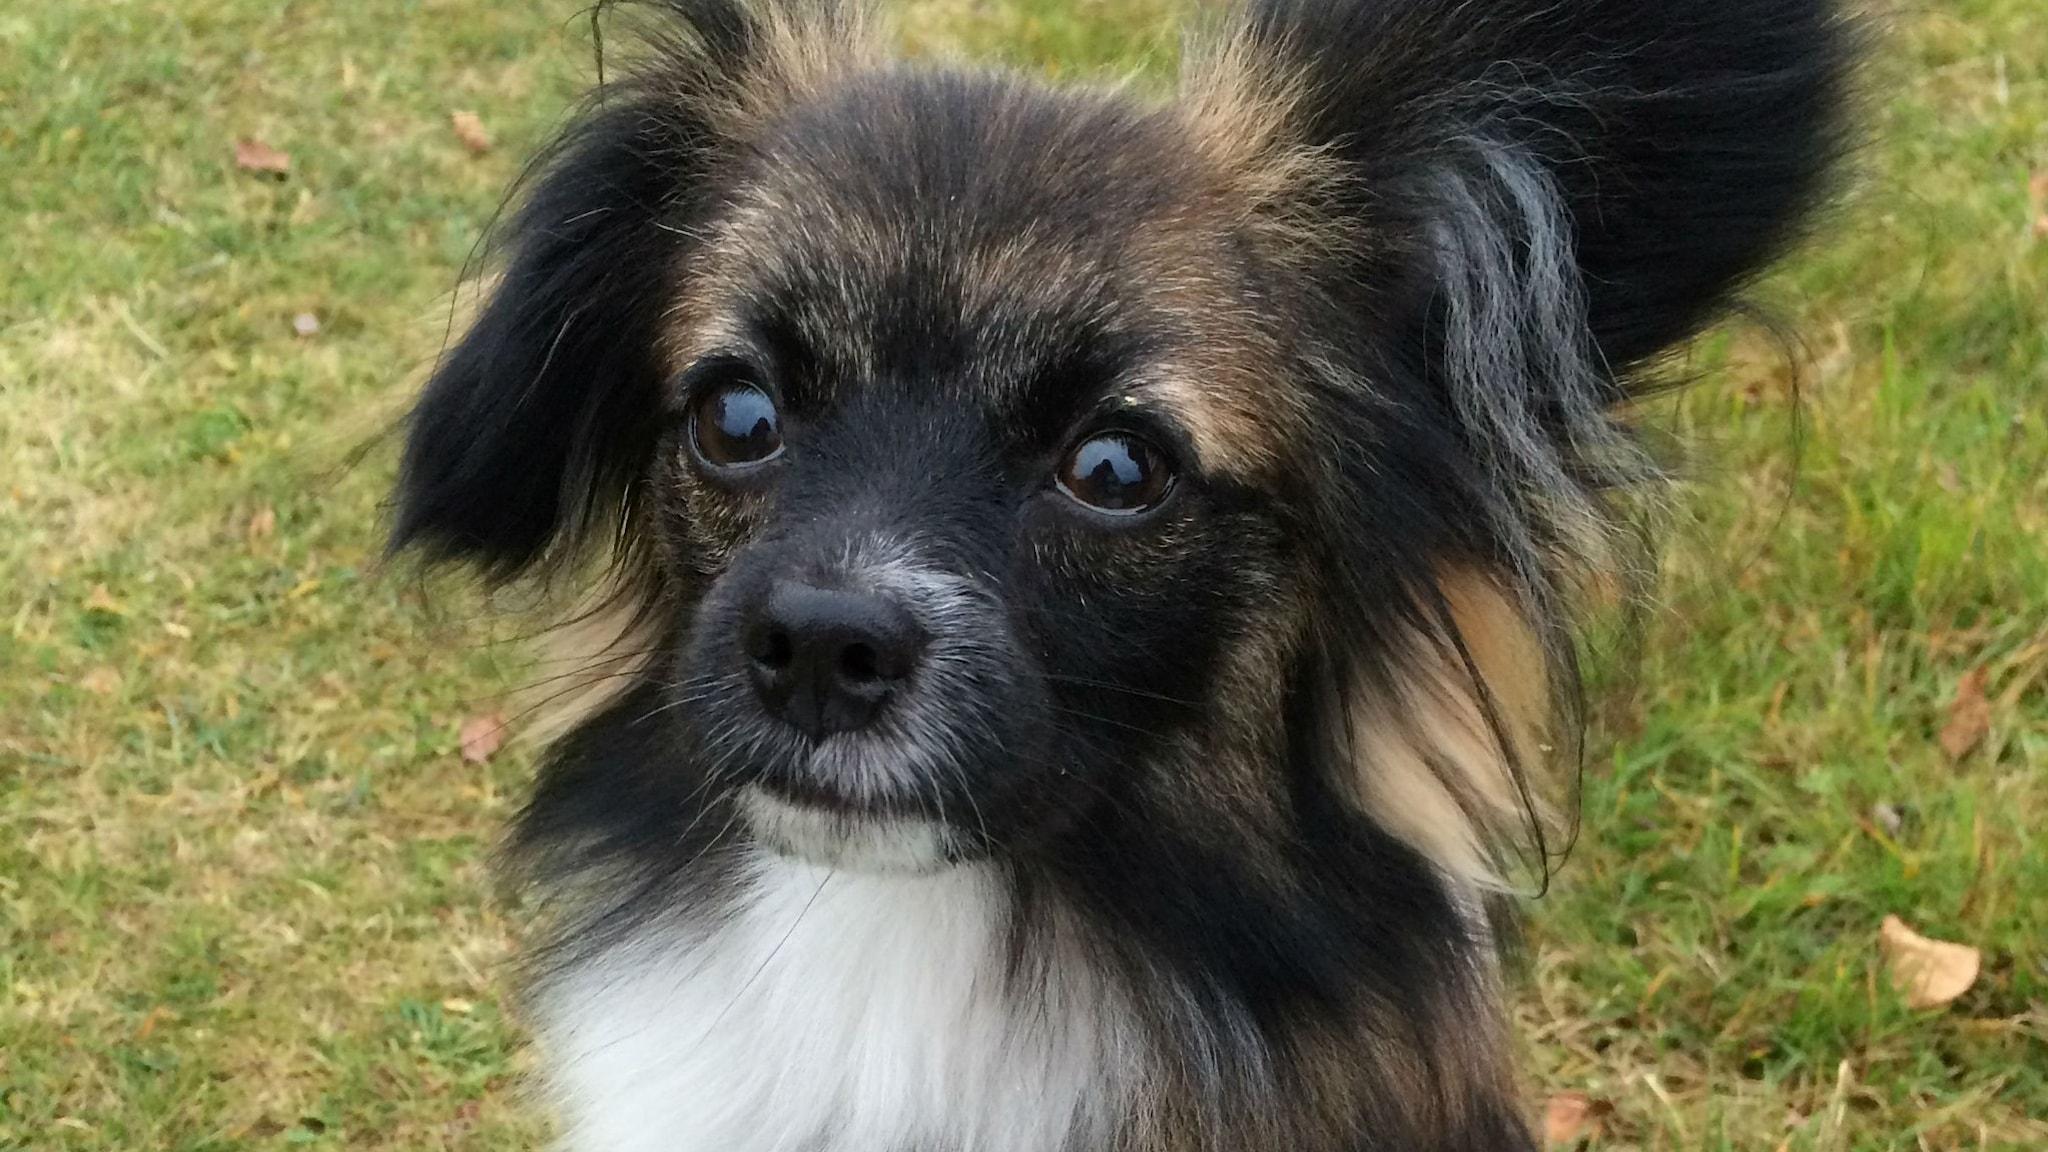 Hundar visar ofta tydligt vad de känner. Foto Lisa Henkow/Sveriges Radio.